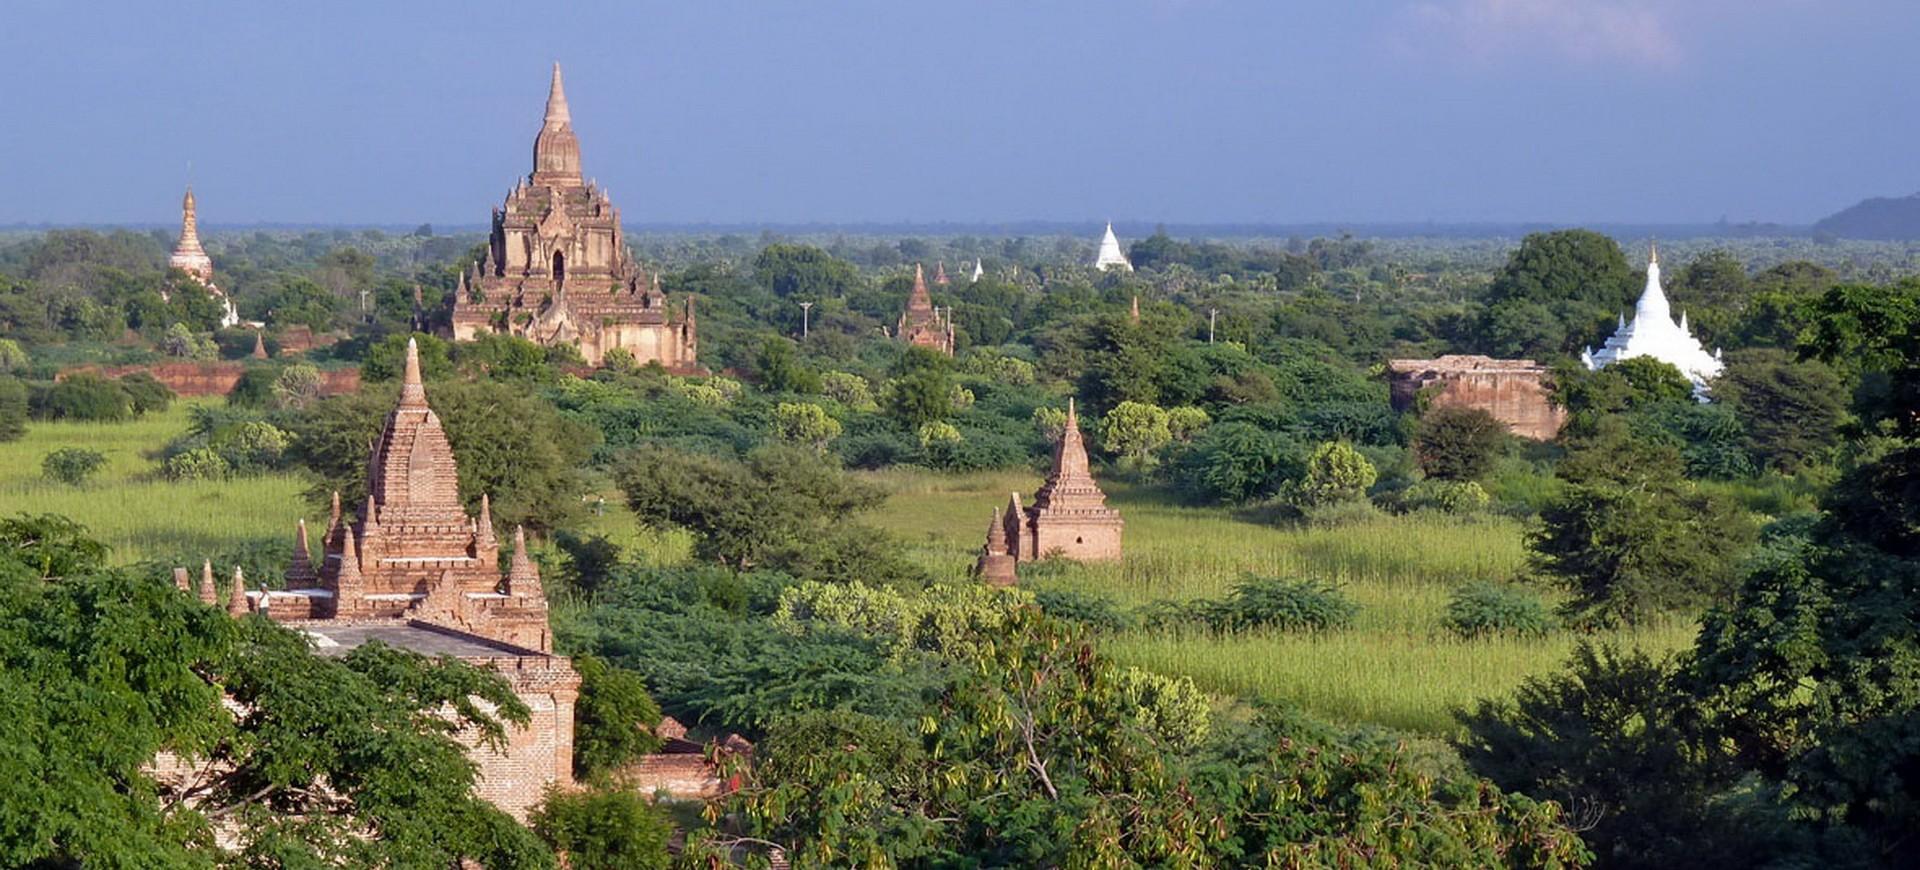 Birmanie Pagan Pagodes